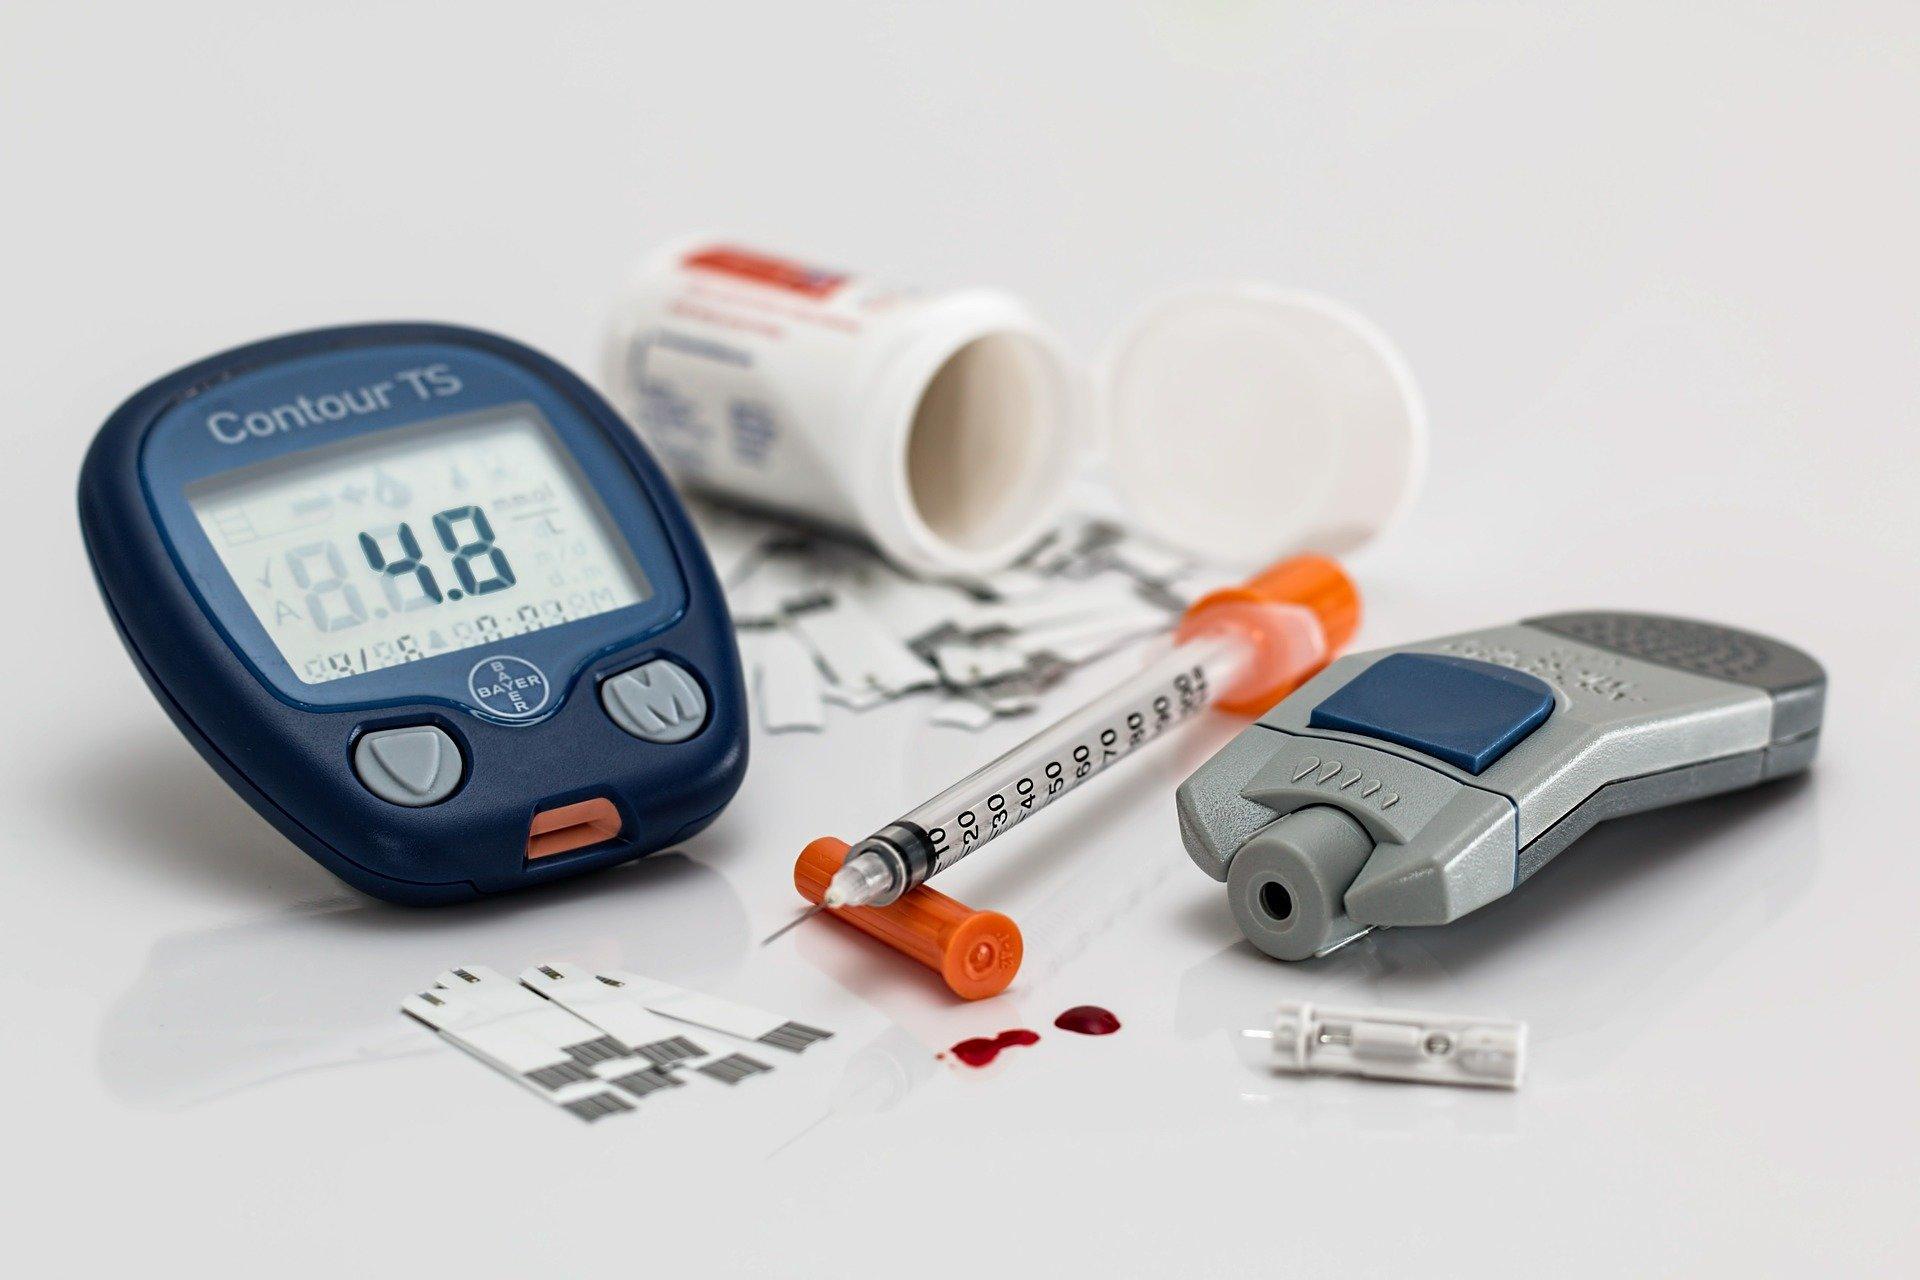 Лечение сахарного диабета 2 типа включает всебя контроль уровня глюкозы, приём сахароснижающих препаратов и— внекоторых случаях— инсулиновую терапию.